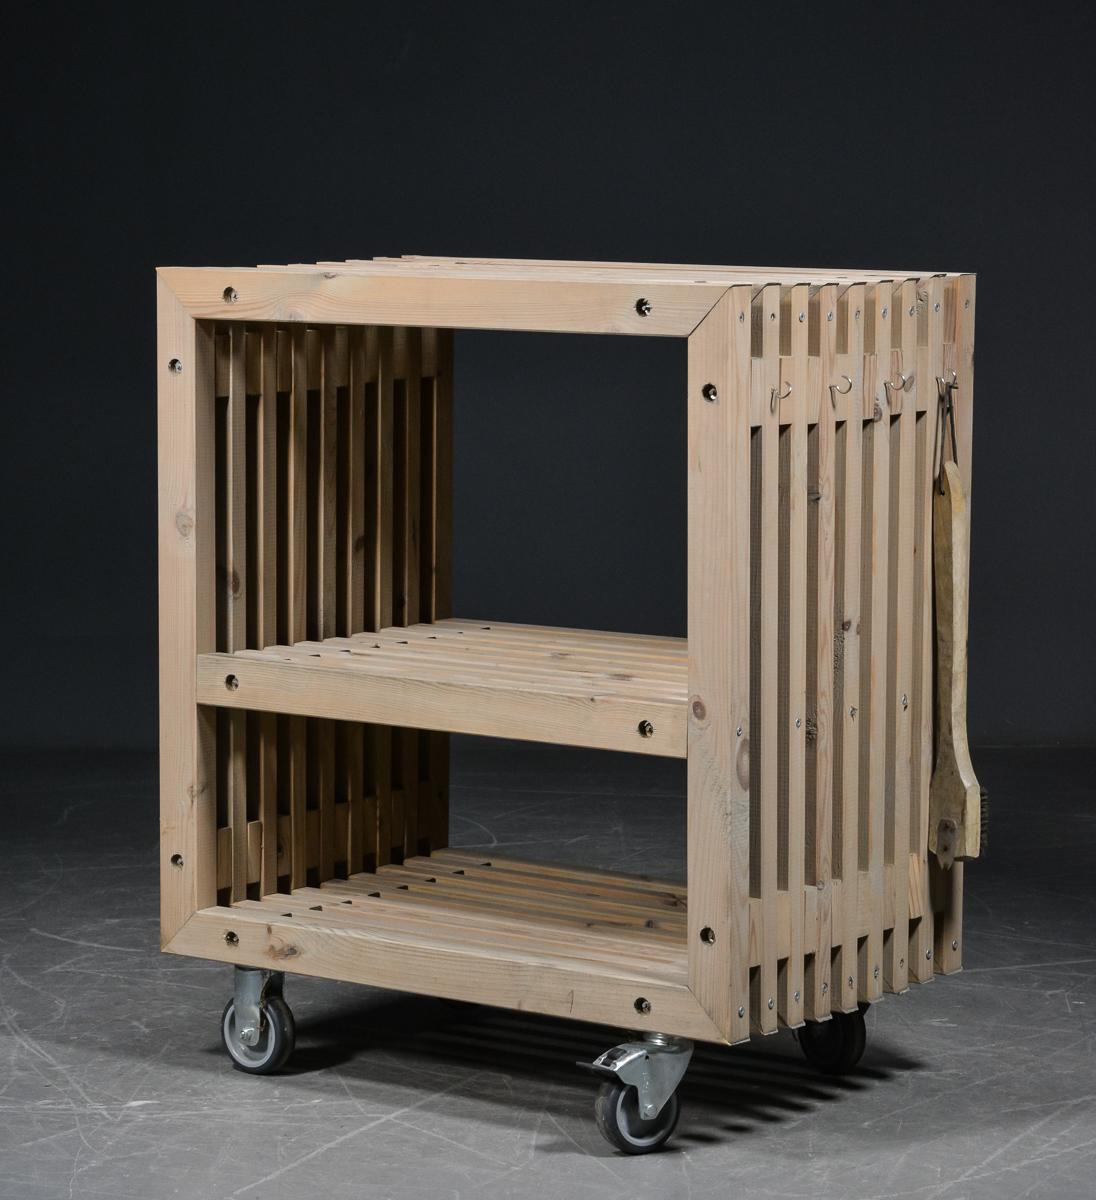 Sidebord på hjul, stel af fyrretræ - Sidebord / anretterbord på hjul, stel af fyrretræ. Brugsspor. H. 94. 80 x 49 cm. Alm. små brugspræg